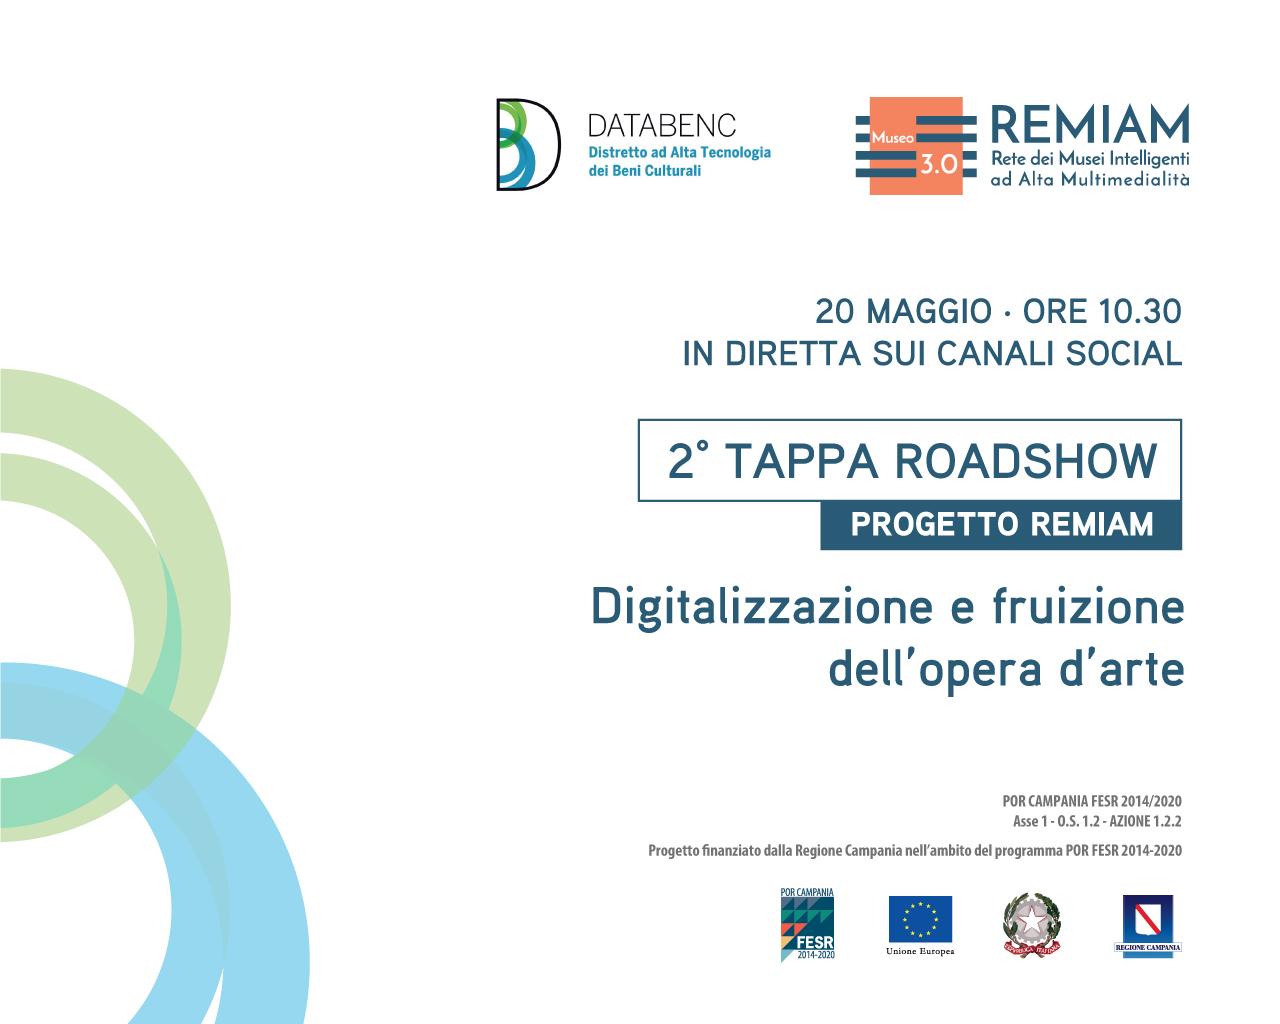 """""""Digitalizzazione e fruizione dell'opera d'arte"""", domani 20 maggio seconda tappa del roadshow del progetto REMIAM"""